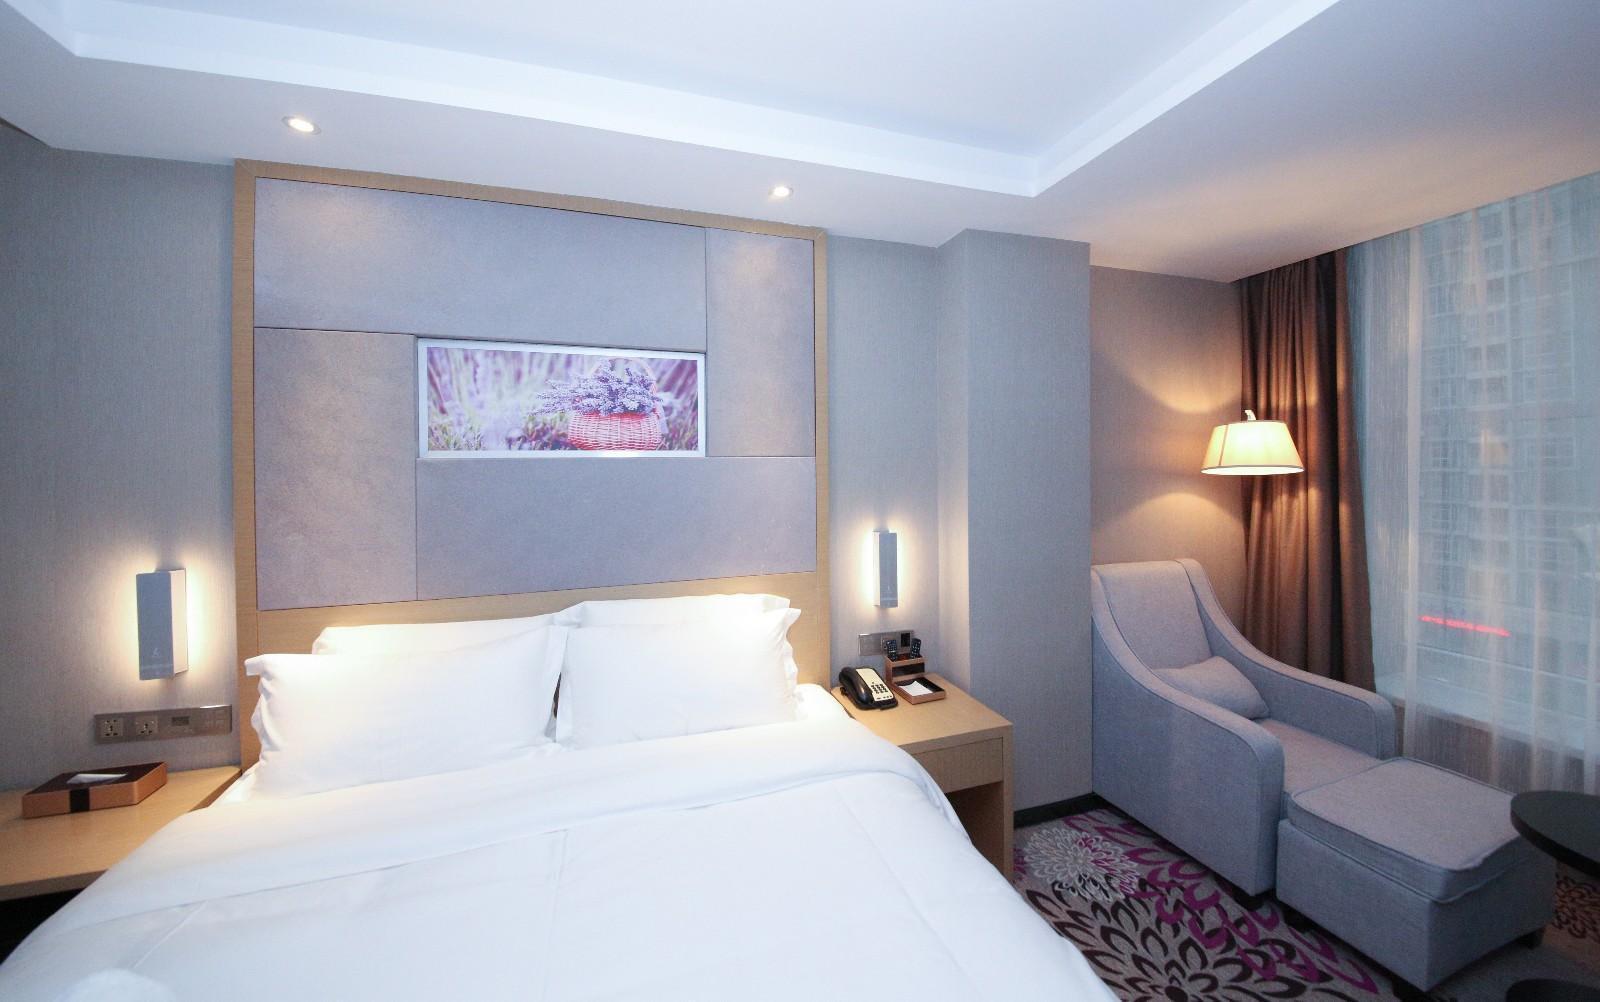 Lavande Hotel Jishou Xiangxi Economic Development Zone Reviews